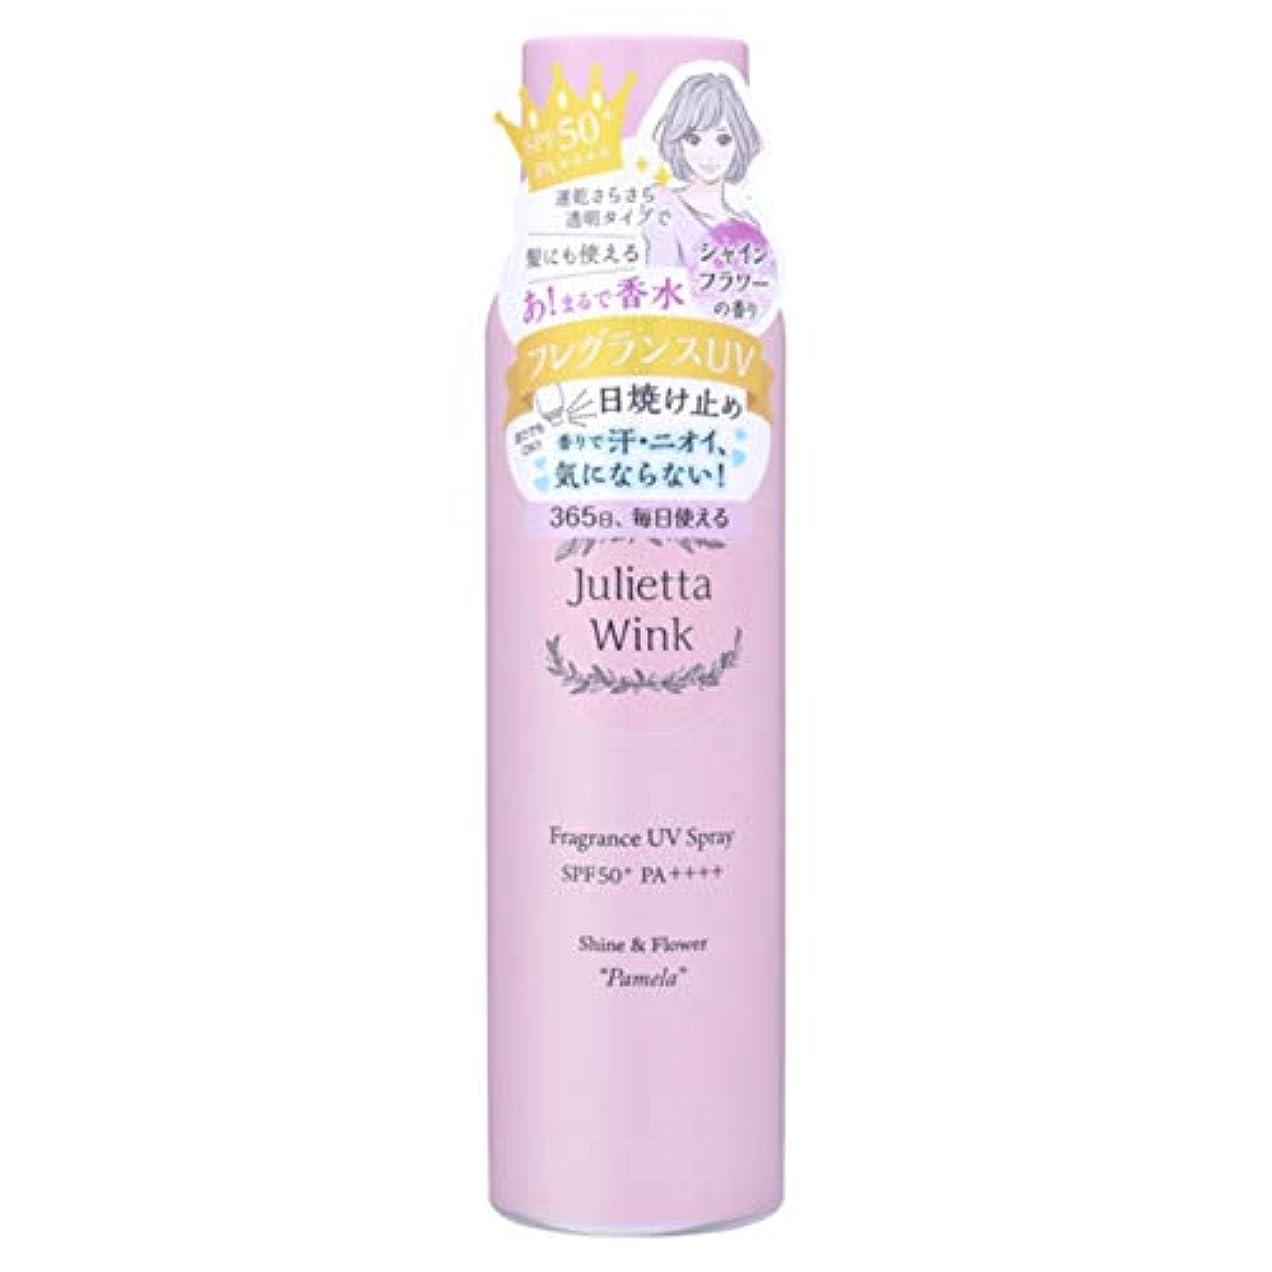 モットーペンフレンド囲まれたジュリエッタウィンク フレグランス UVスプレー[パメラ]100g シャインフラワーの香り(ピンク)